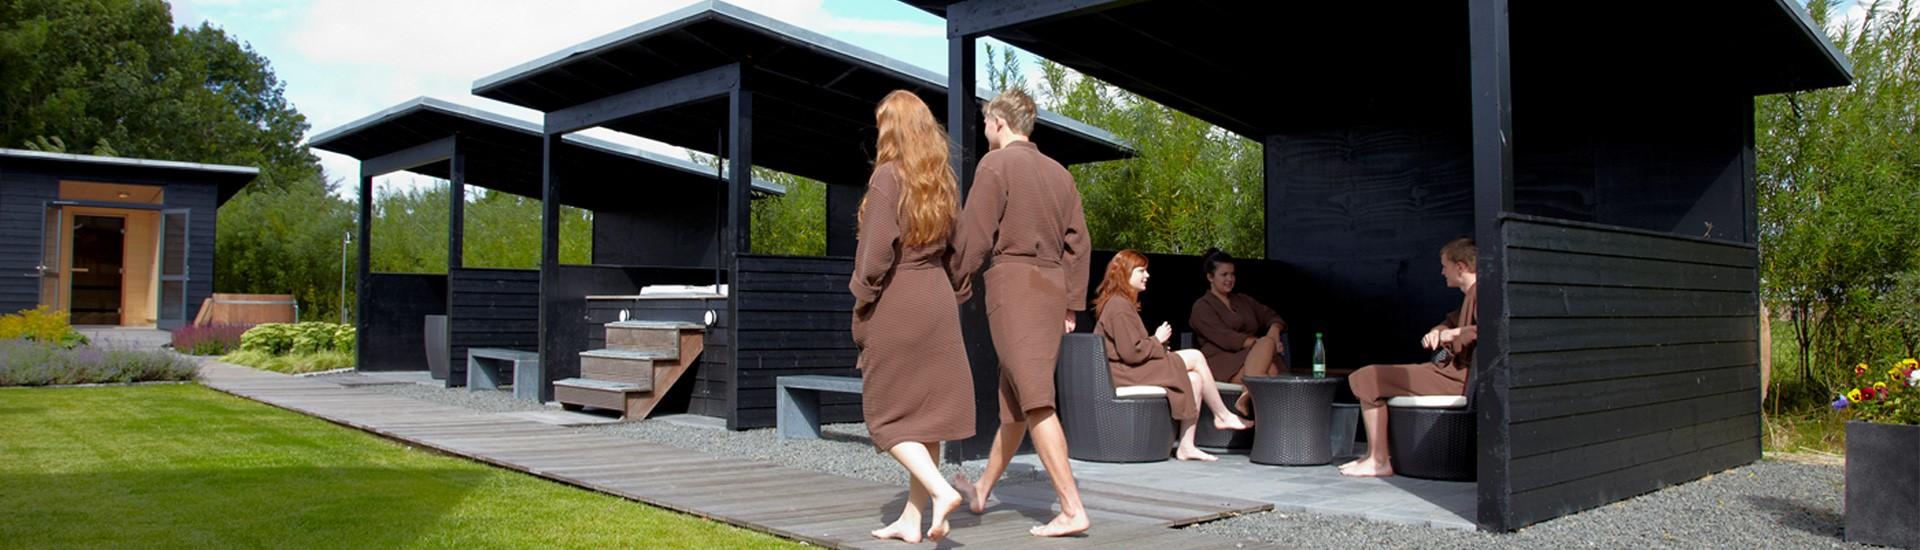 spa og wellness Sjælland luder i Vejle